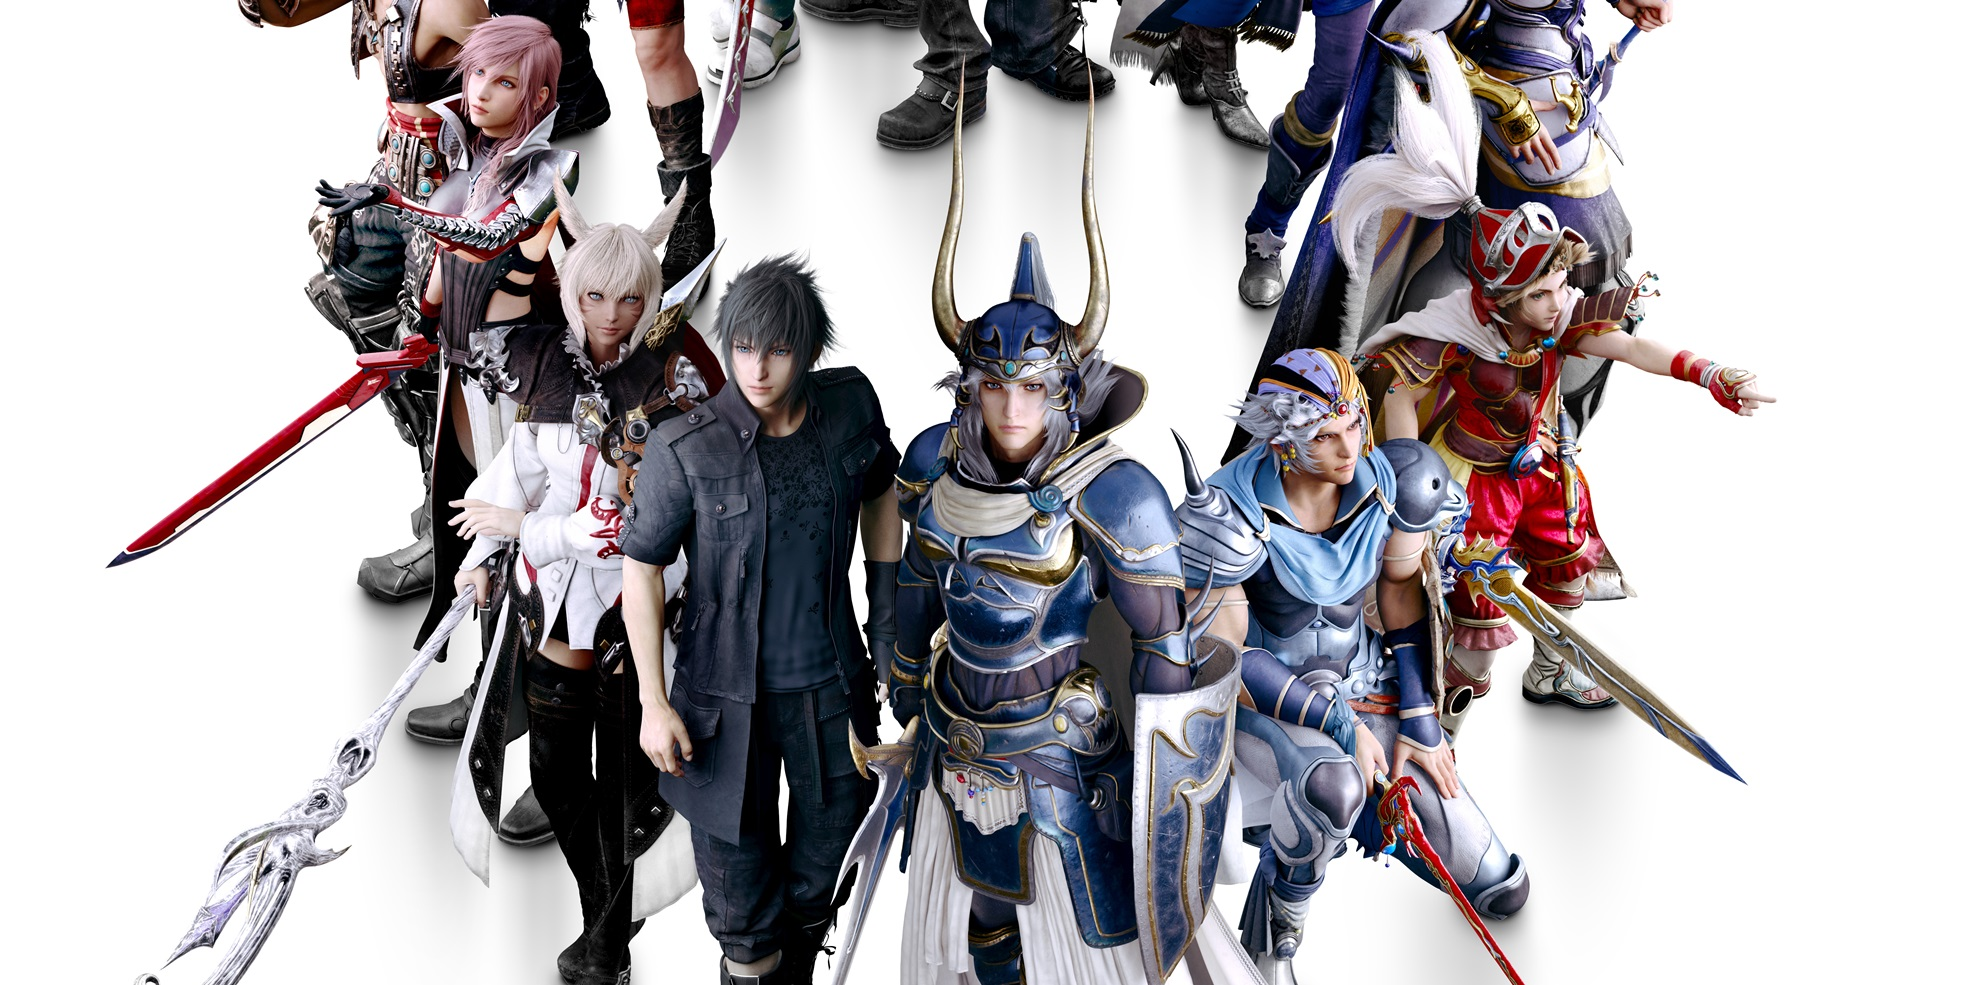 Gli eroi di Dissidia Final Fantasy NT in alta risoluzione!